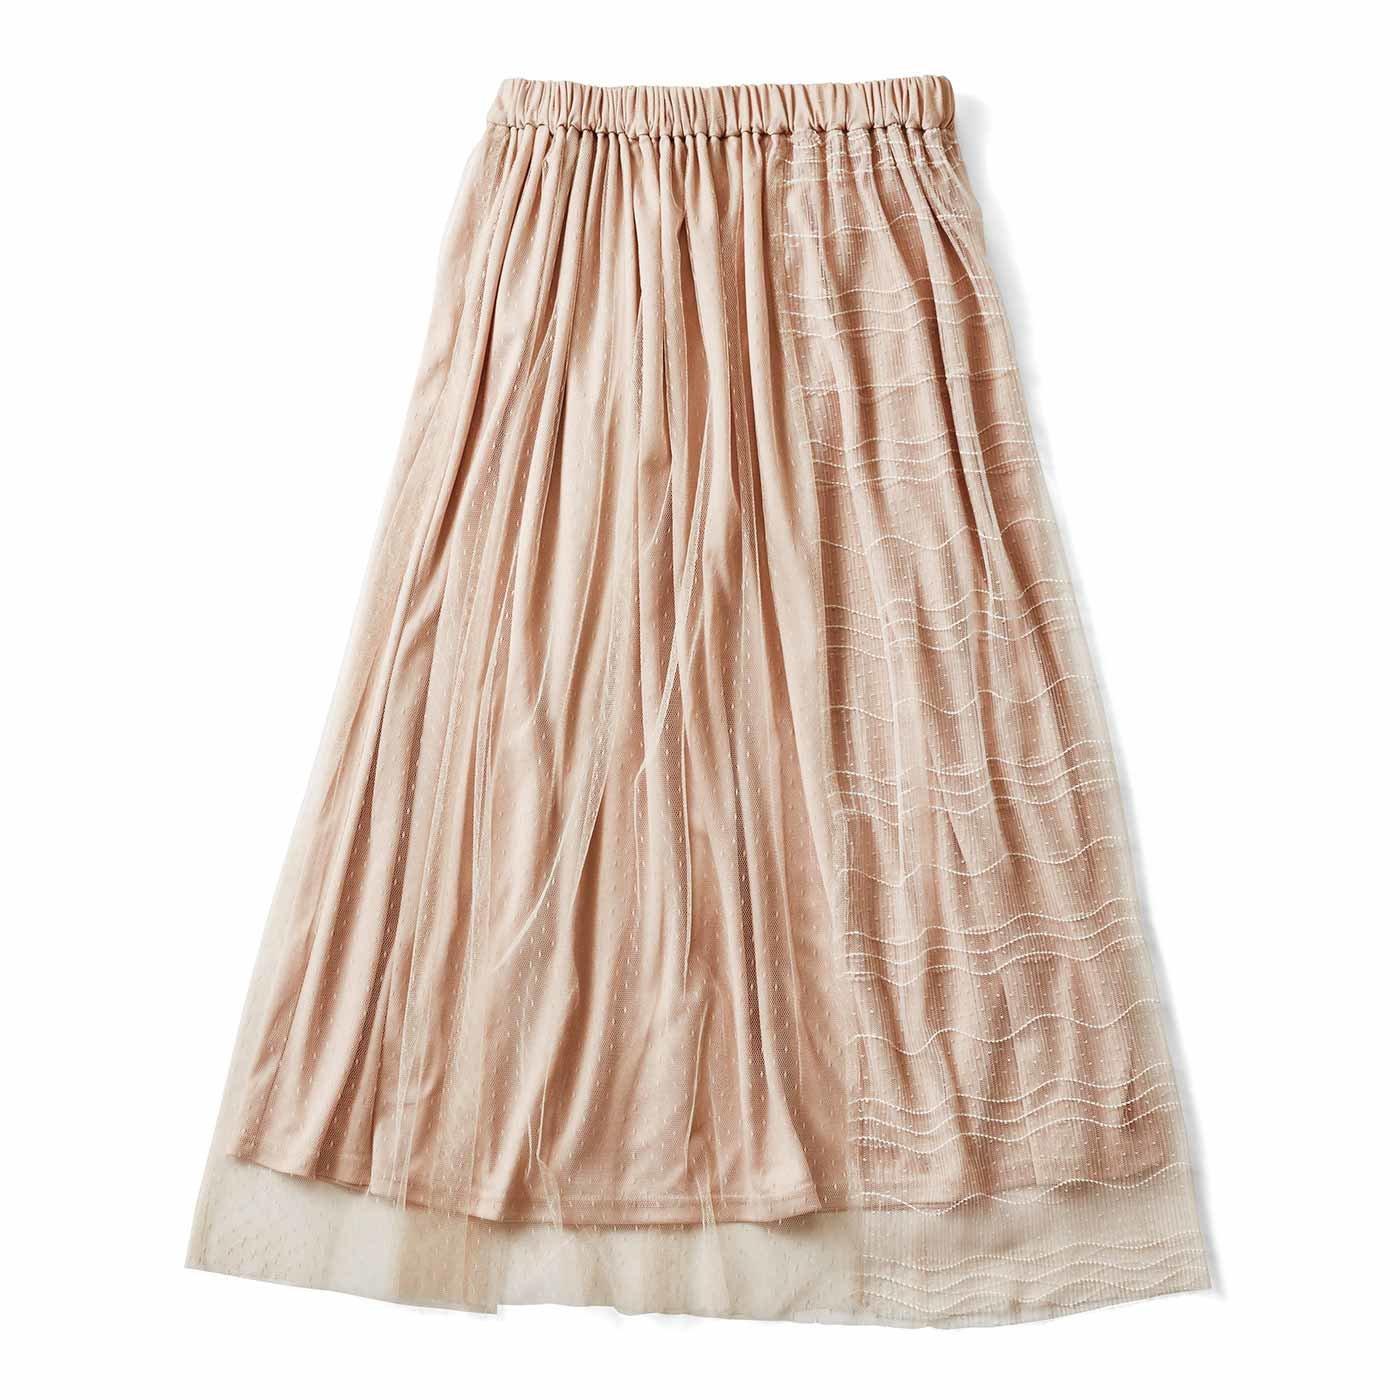 ふんわりチュールのドッキングスカート